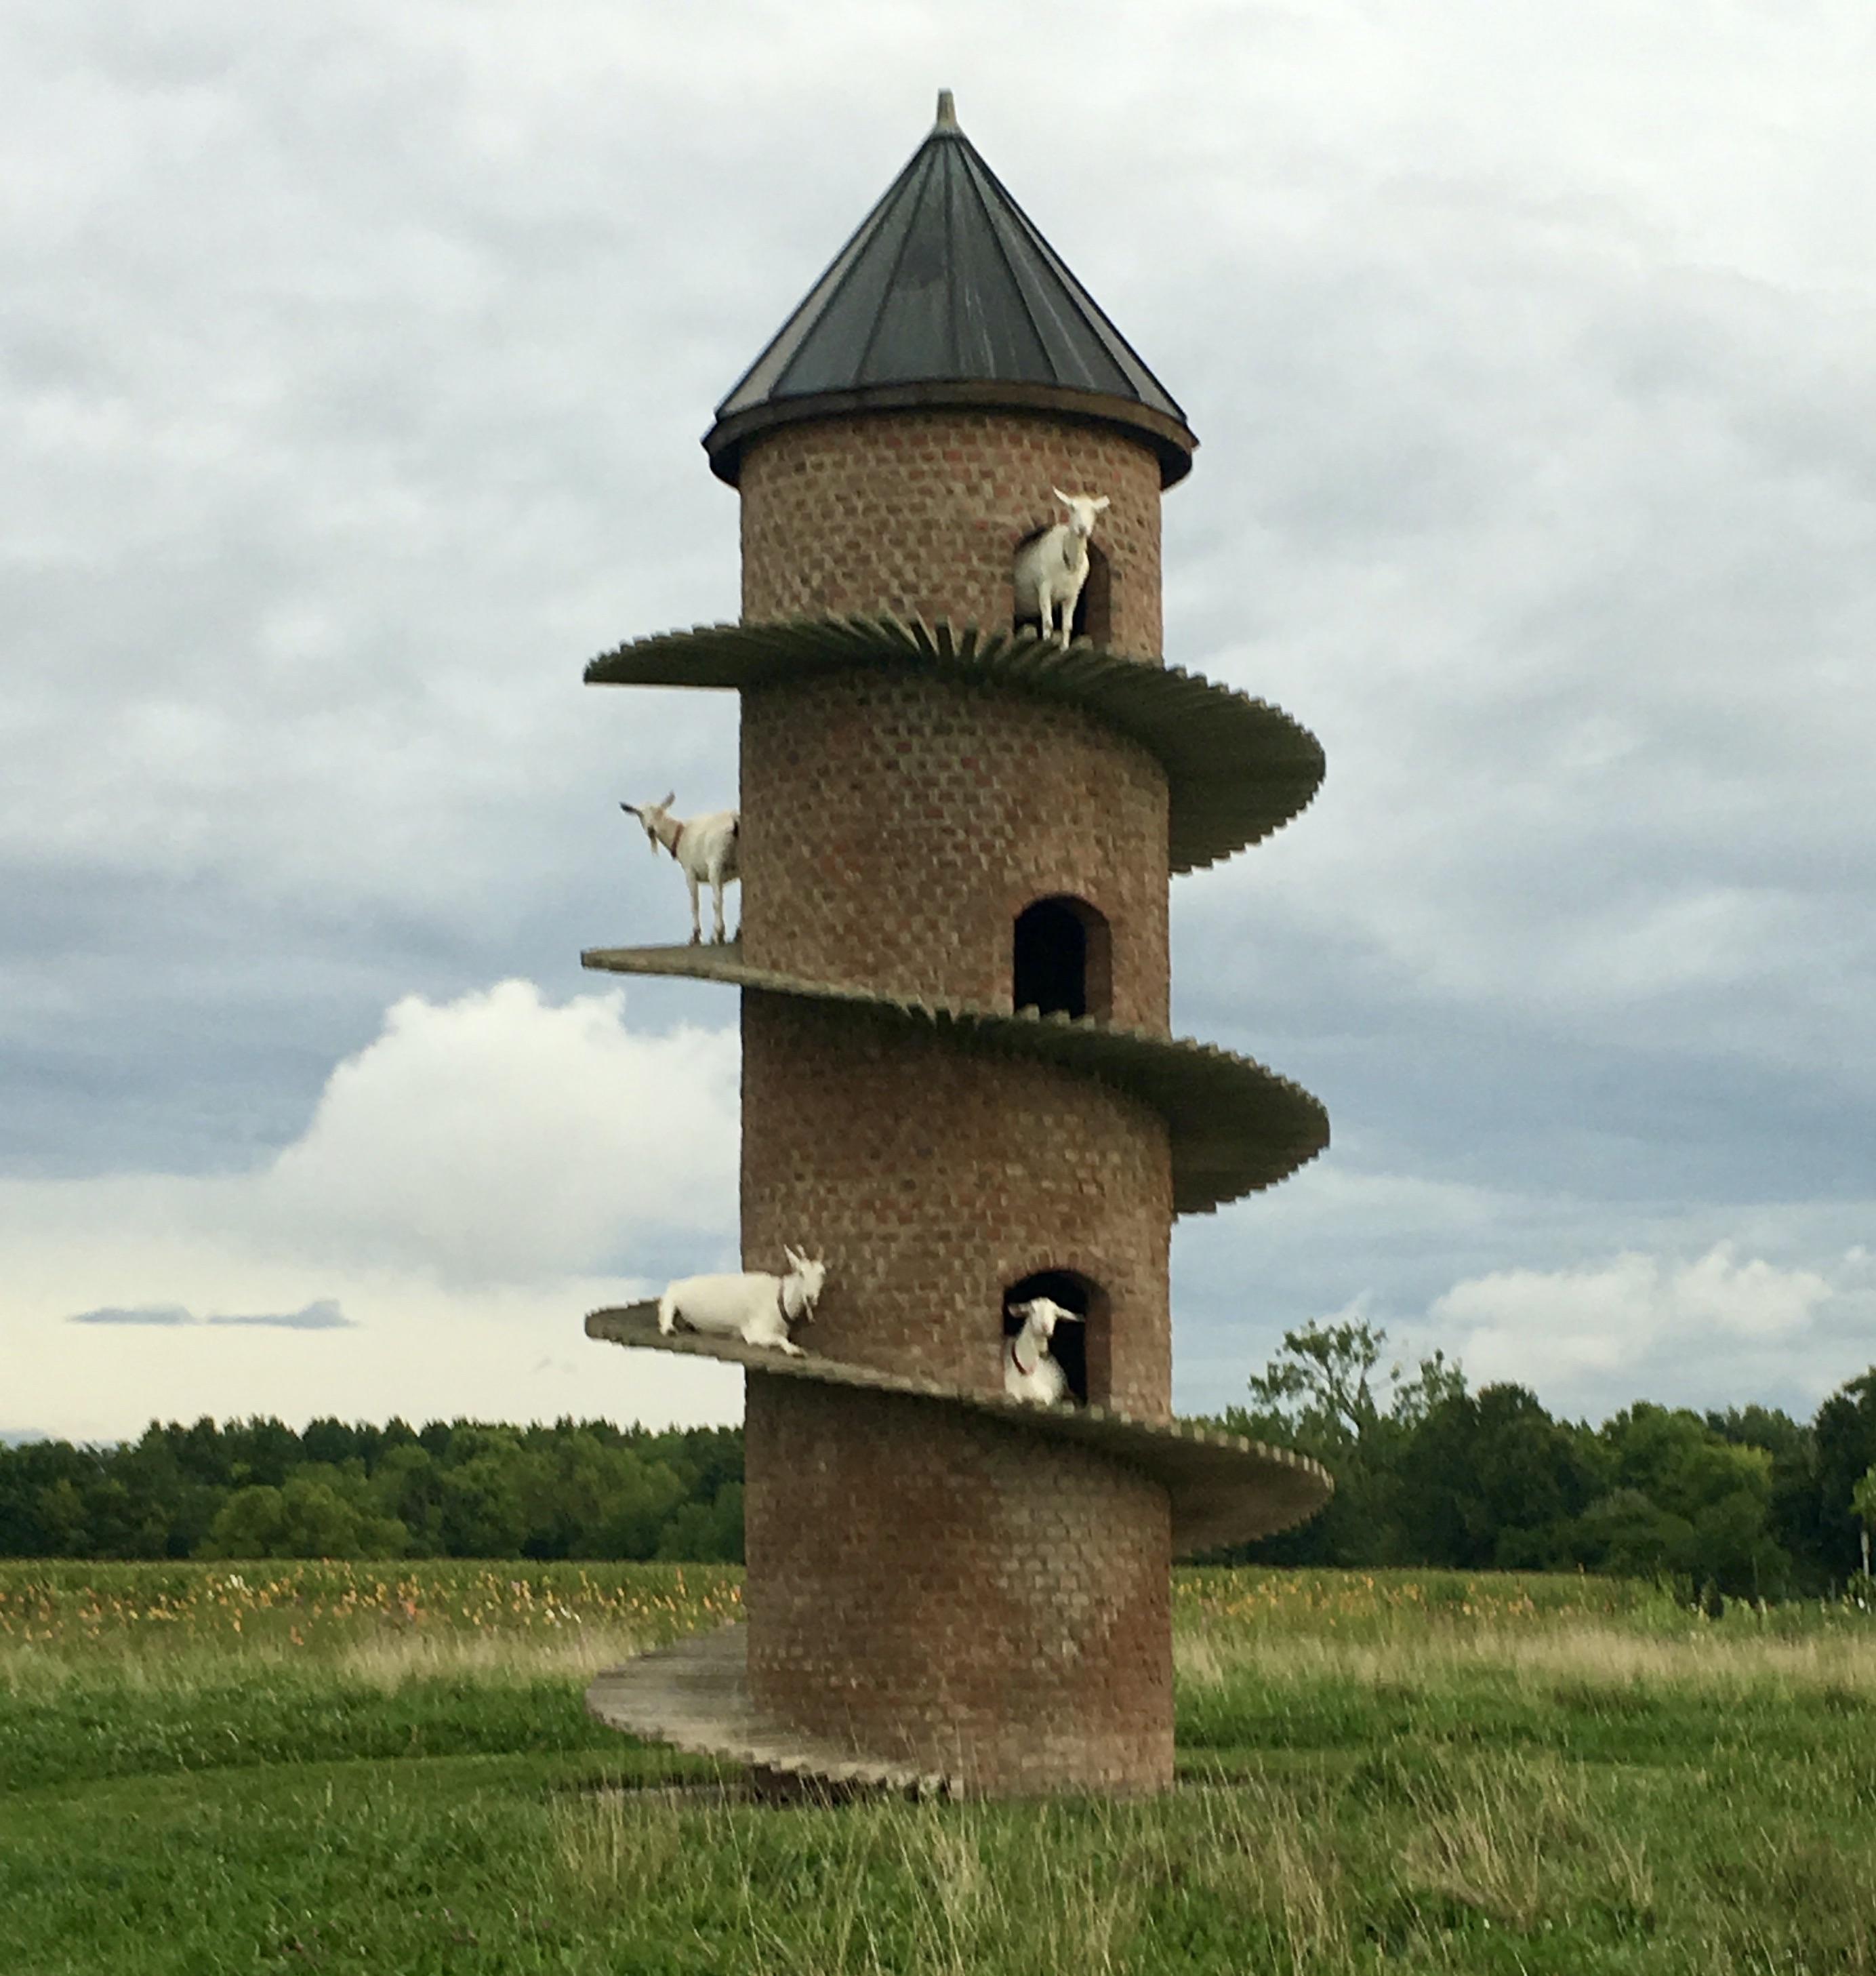 Goat Tower Wikipedia